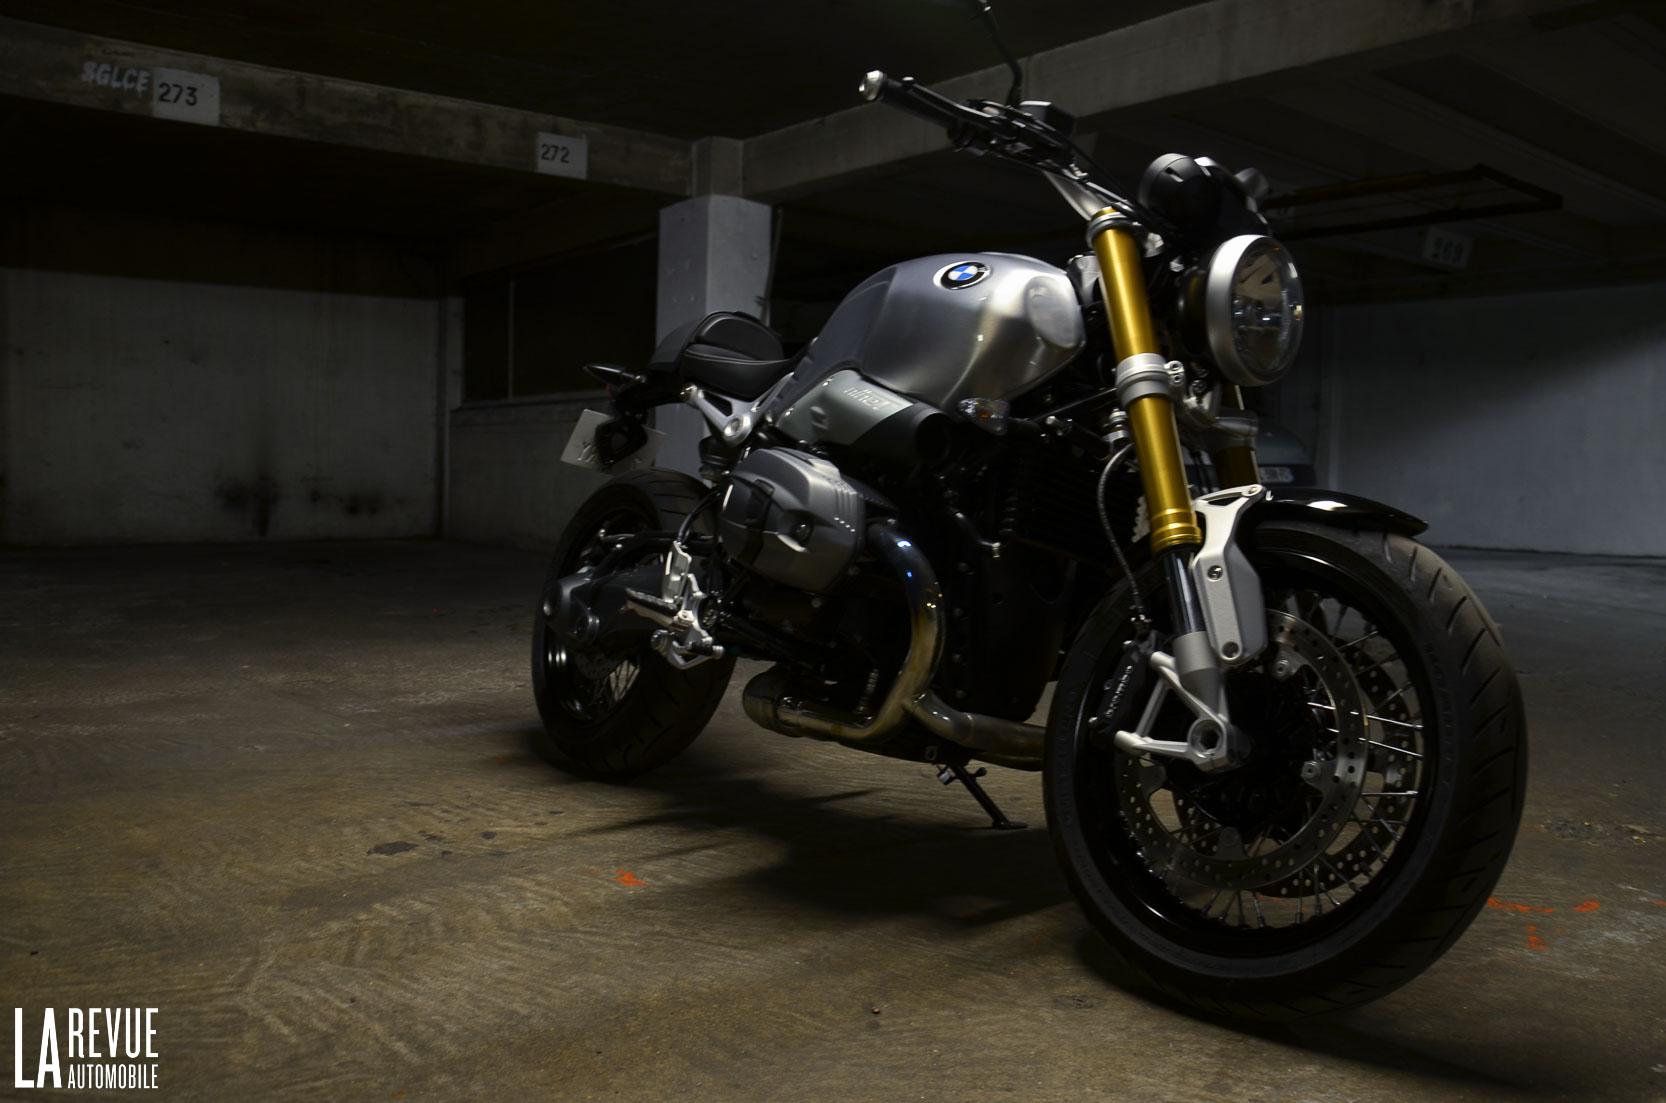 bmw essai bmw ninet sport edition neo retro a velo moto. Black Bedroom Furniture Sets. Home Design Ideas